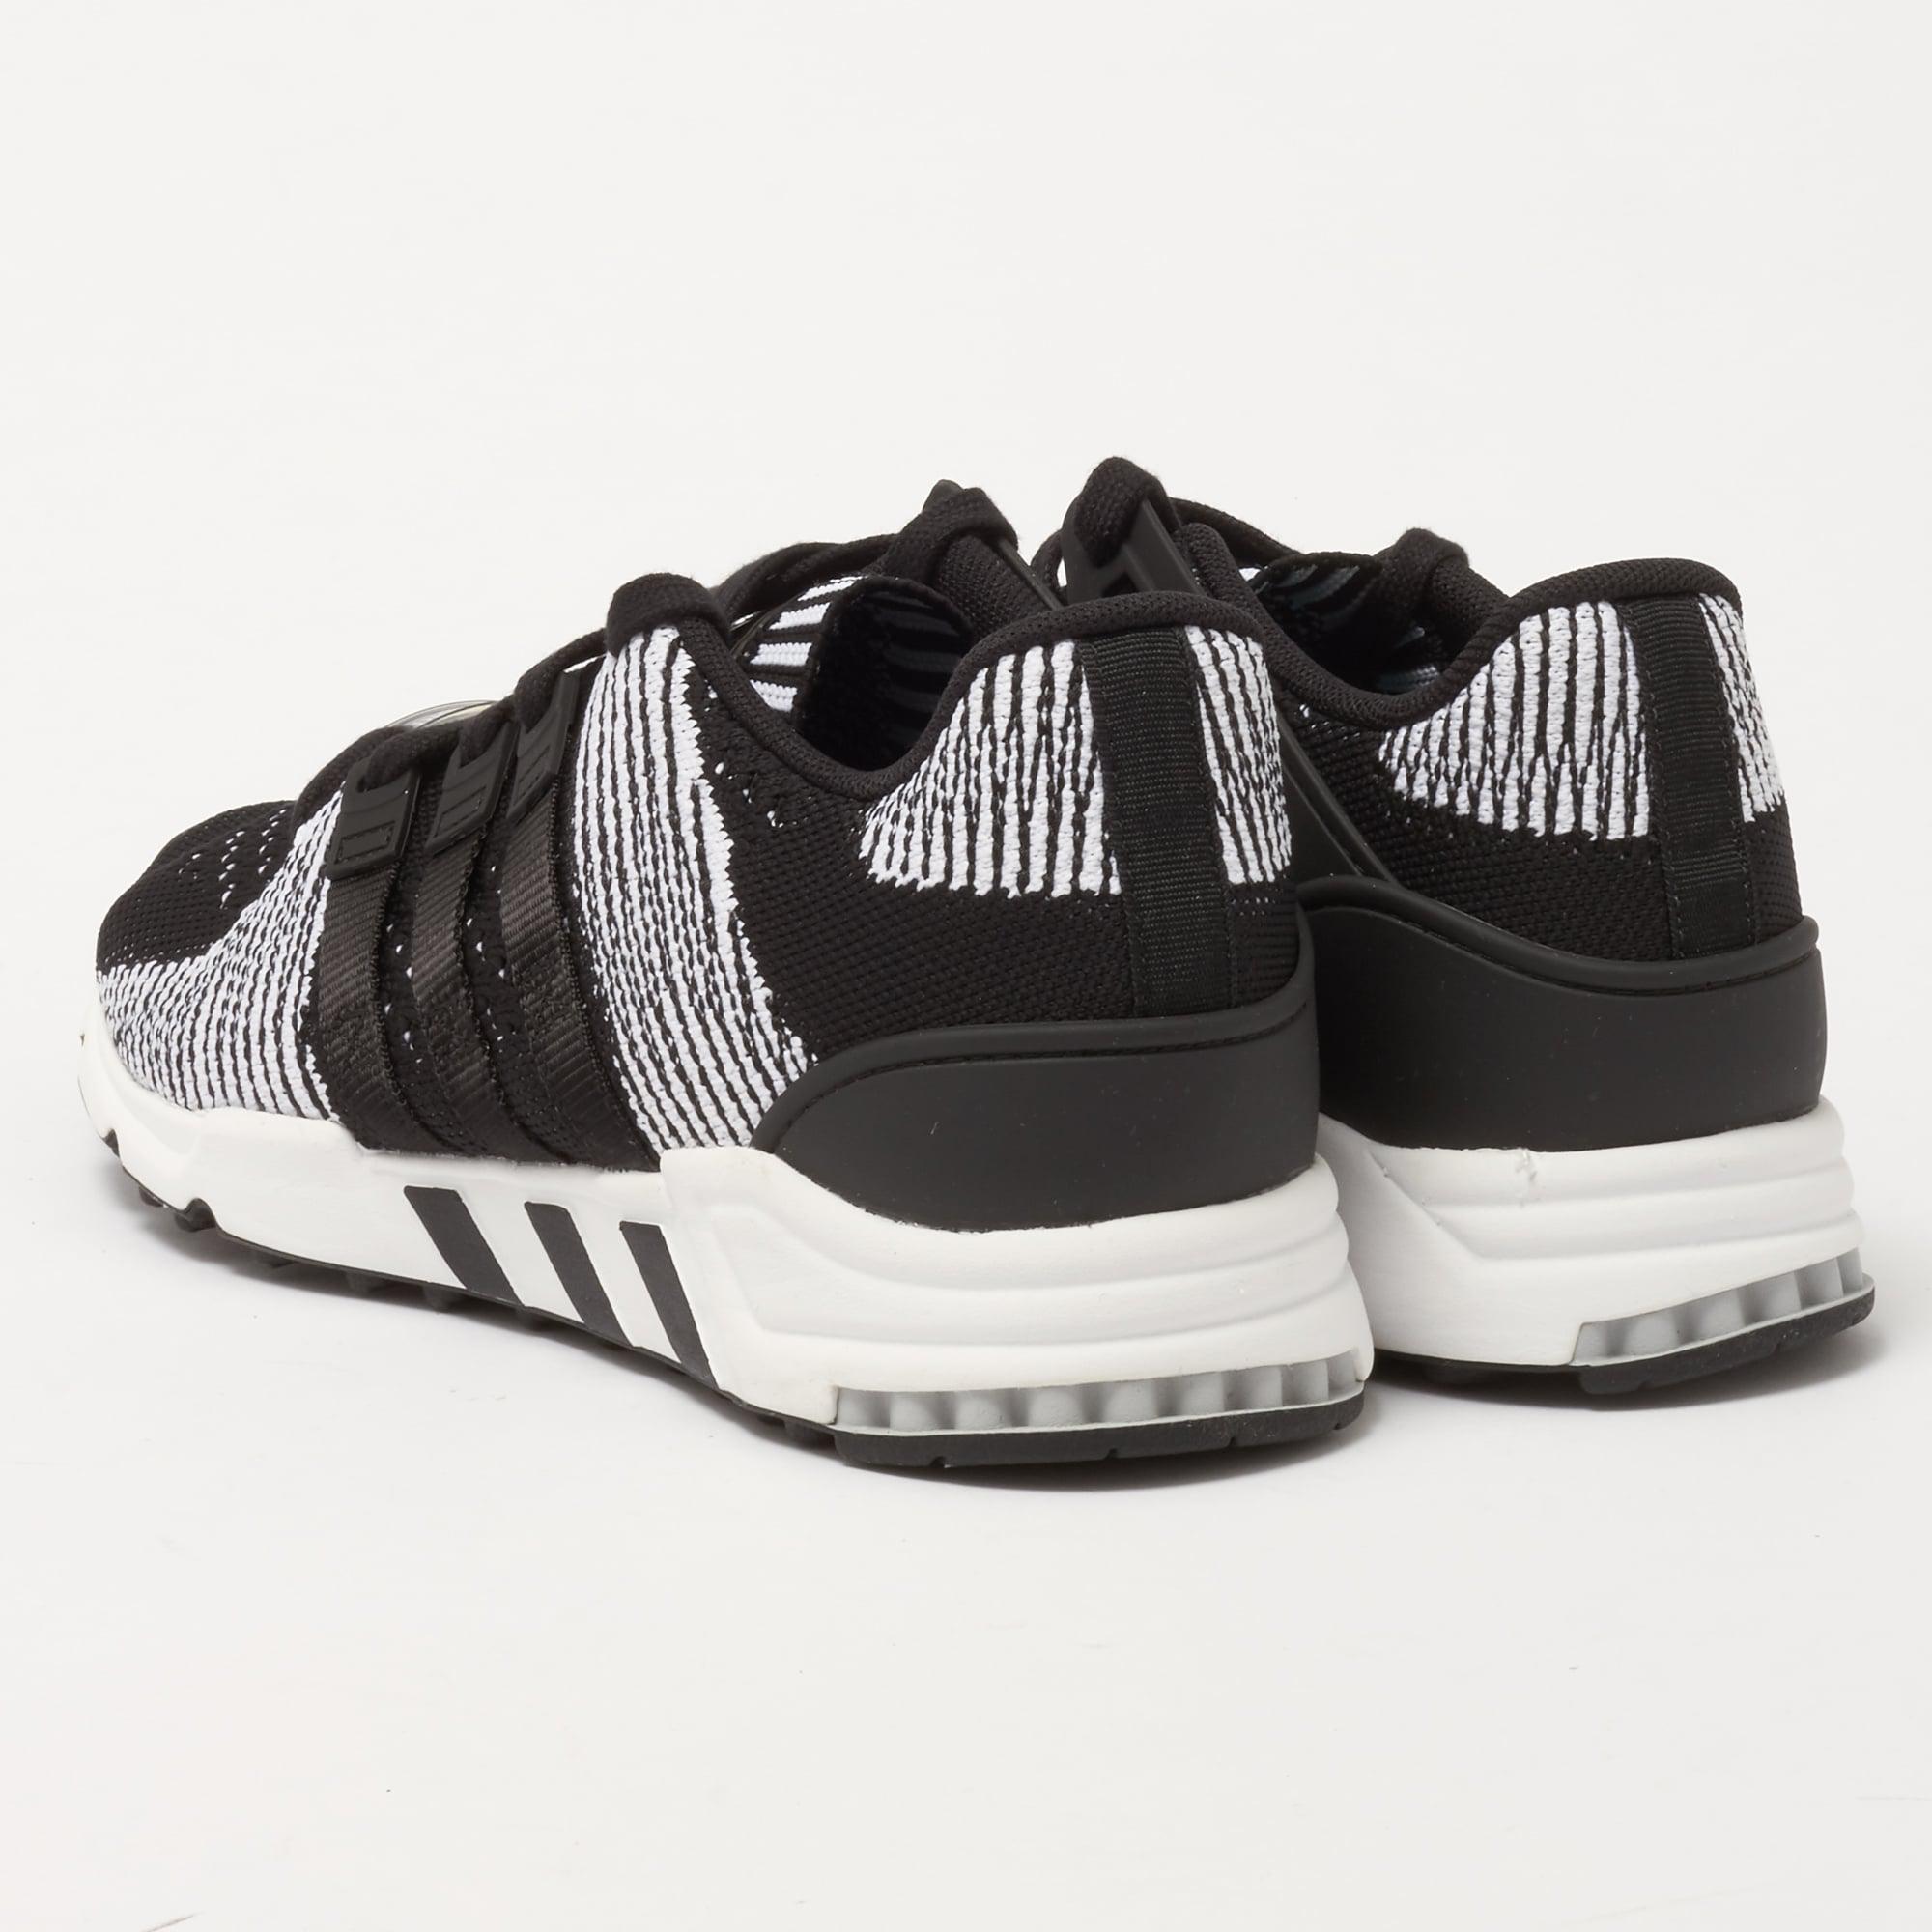 d792fa51abe1 Adidas Originals - Black Eqt Support Rf Primeknit for Men - Lyst. View  fullscreen